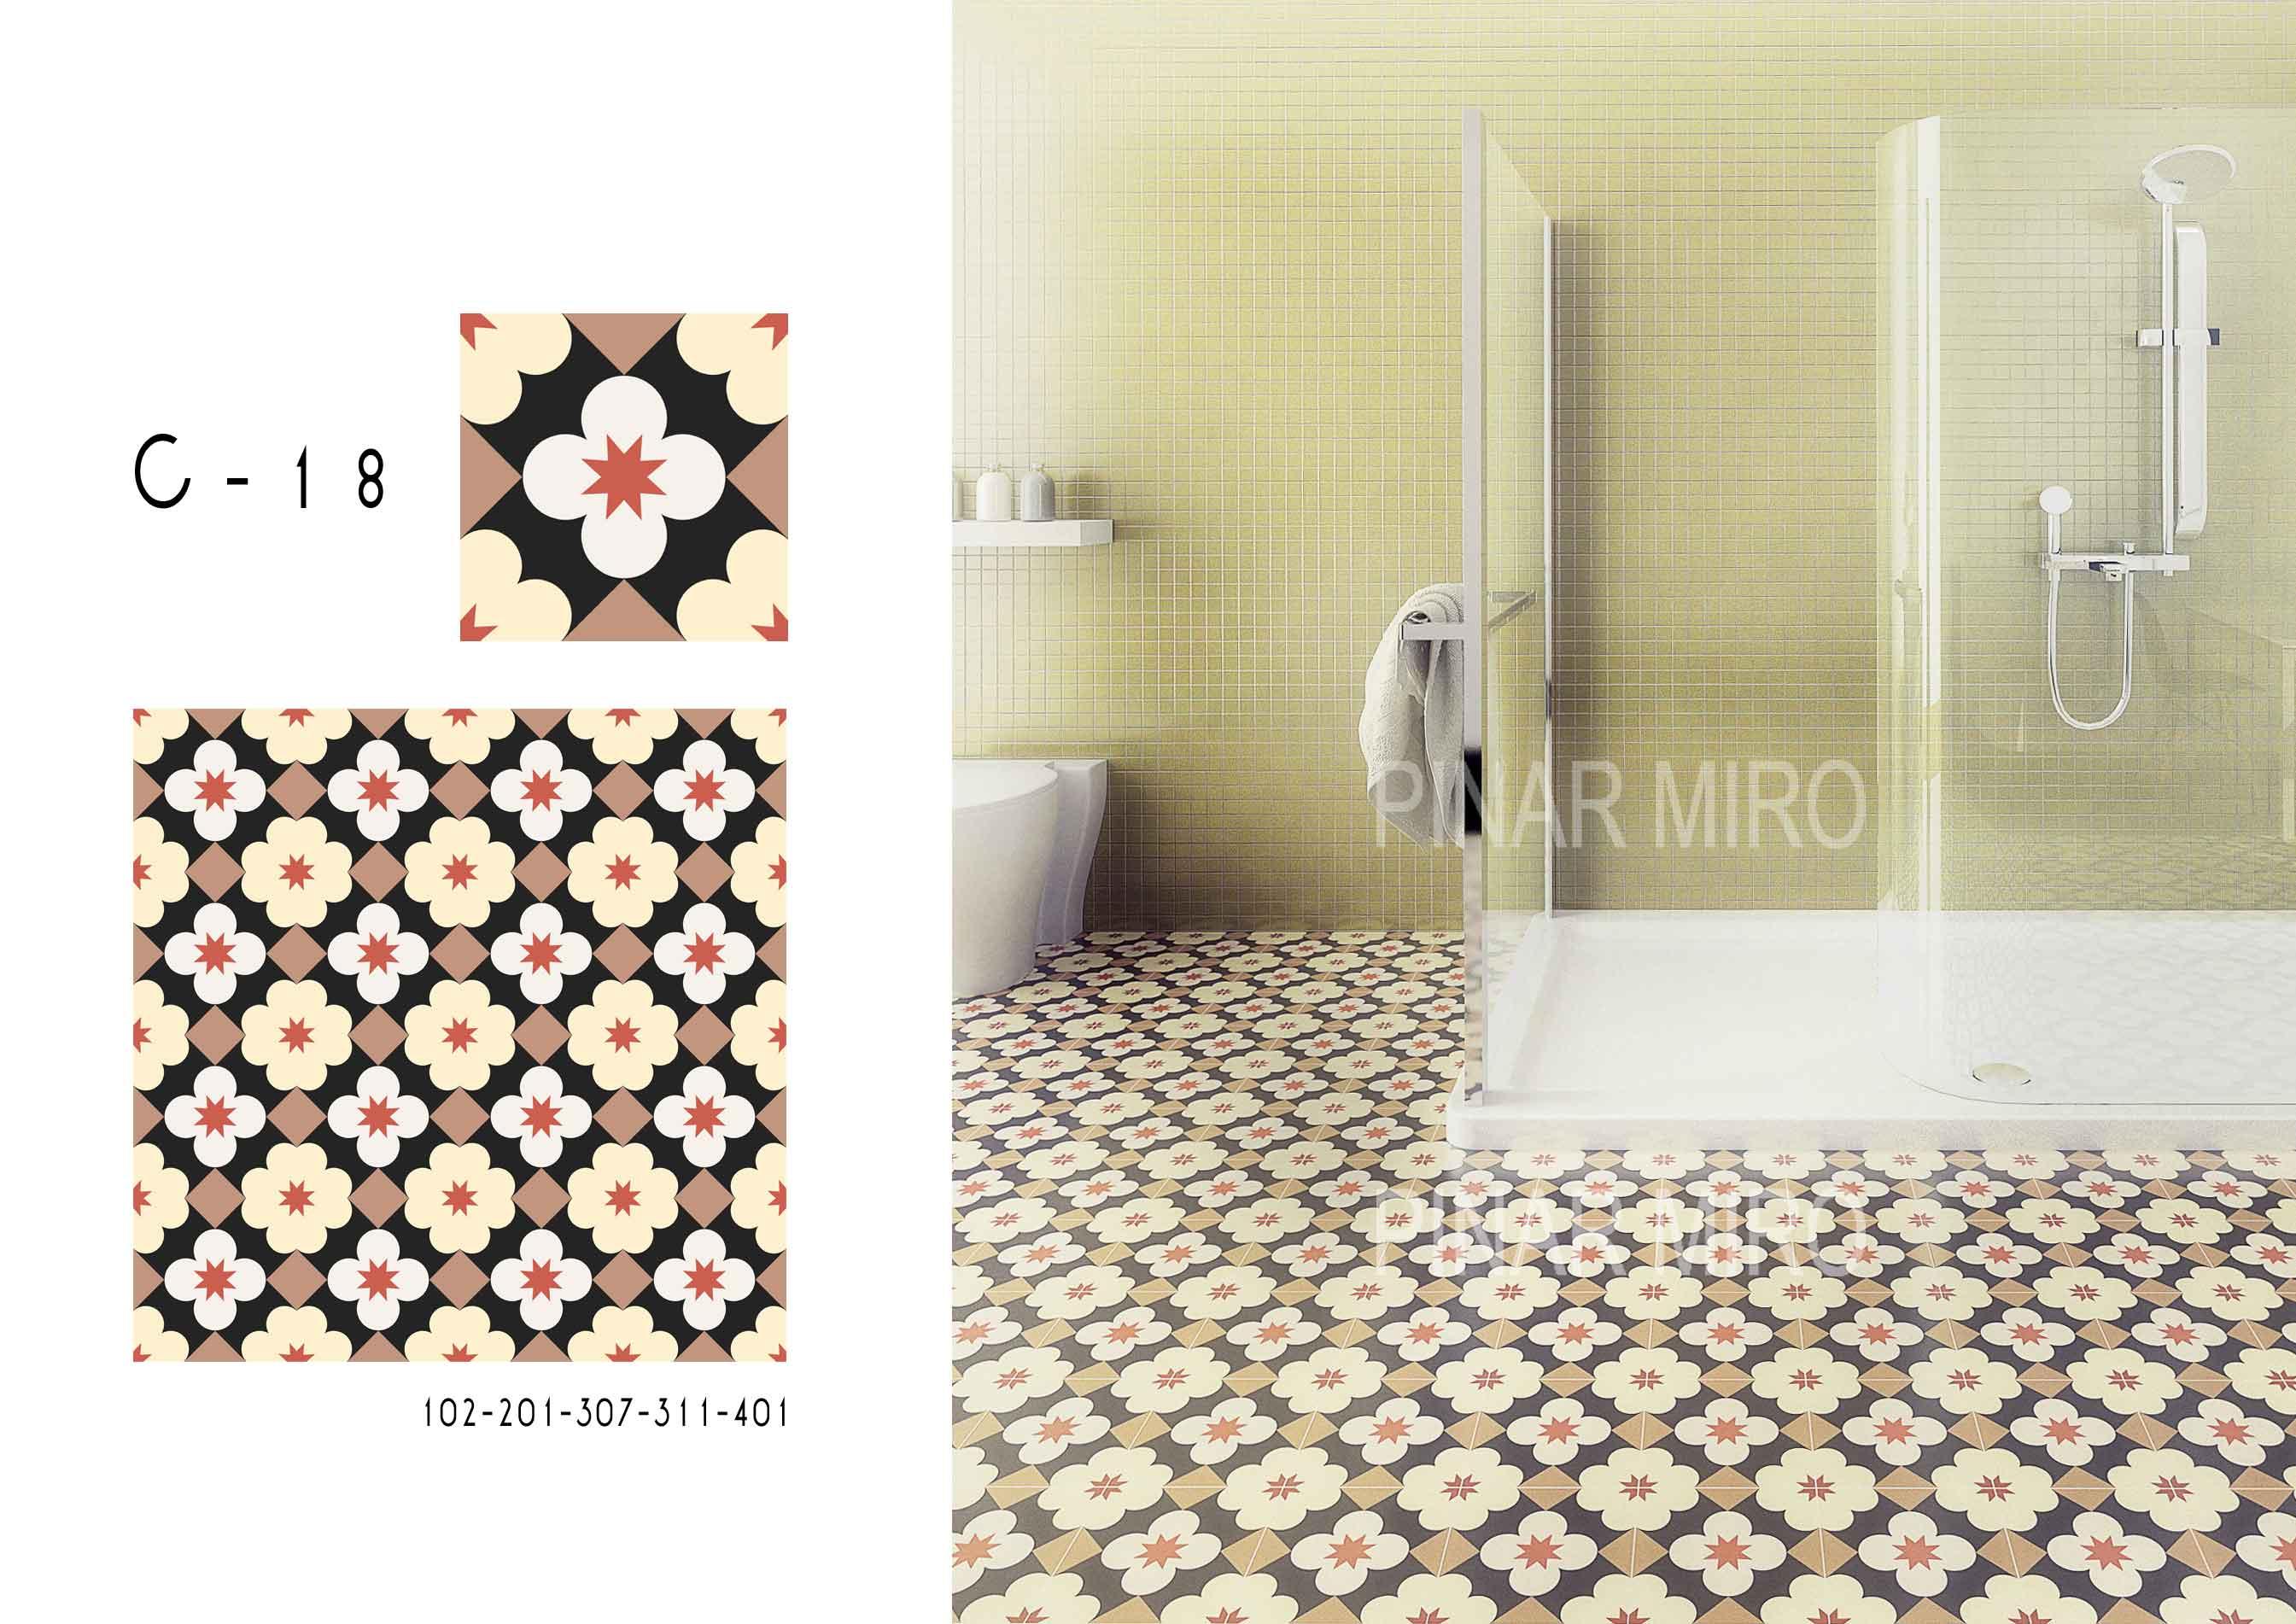 2-c018-pinar-miro-cement-tiles